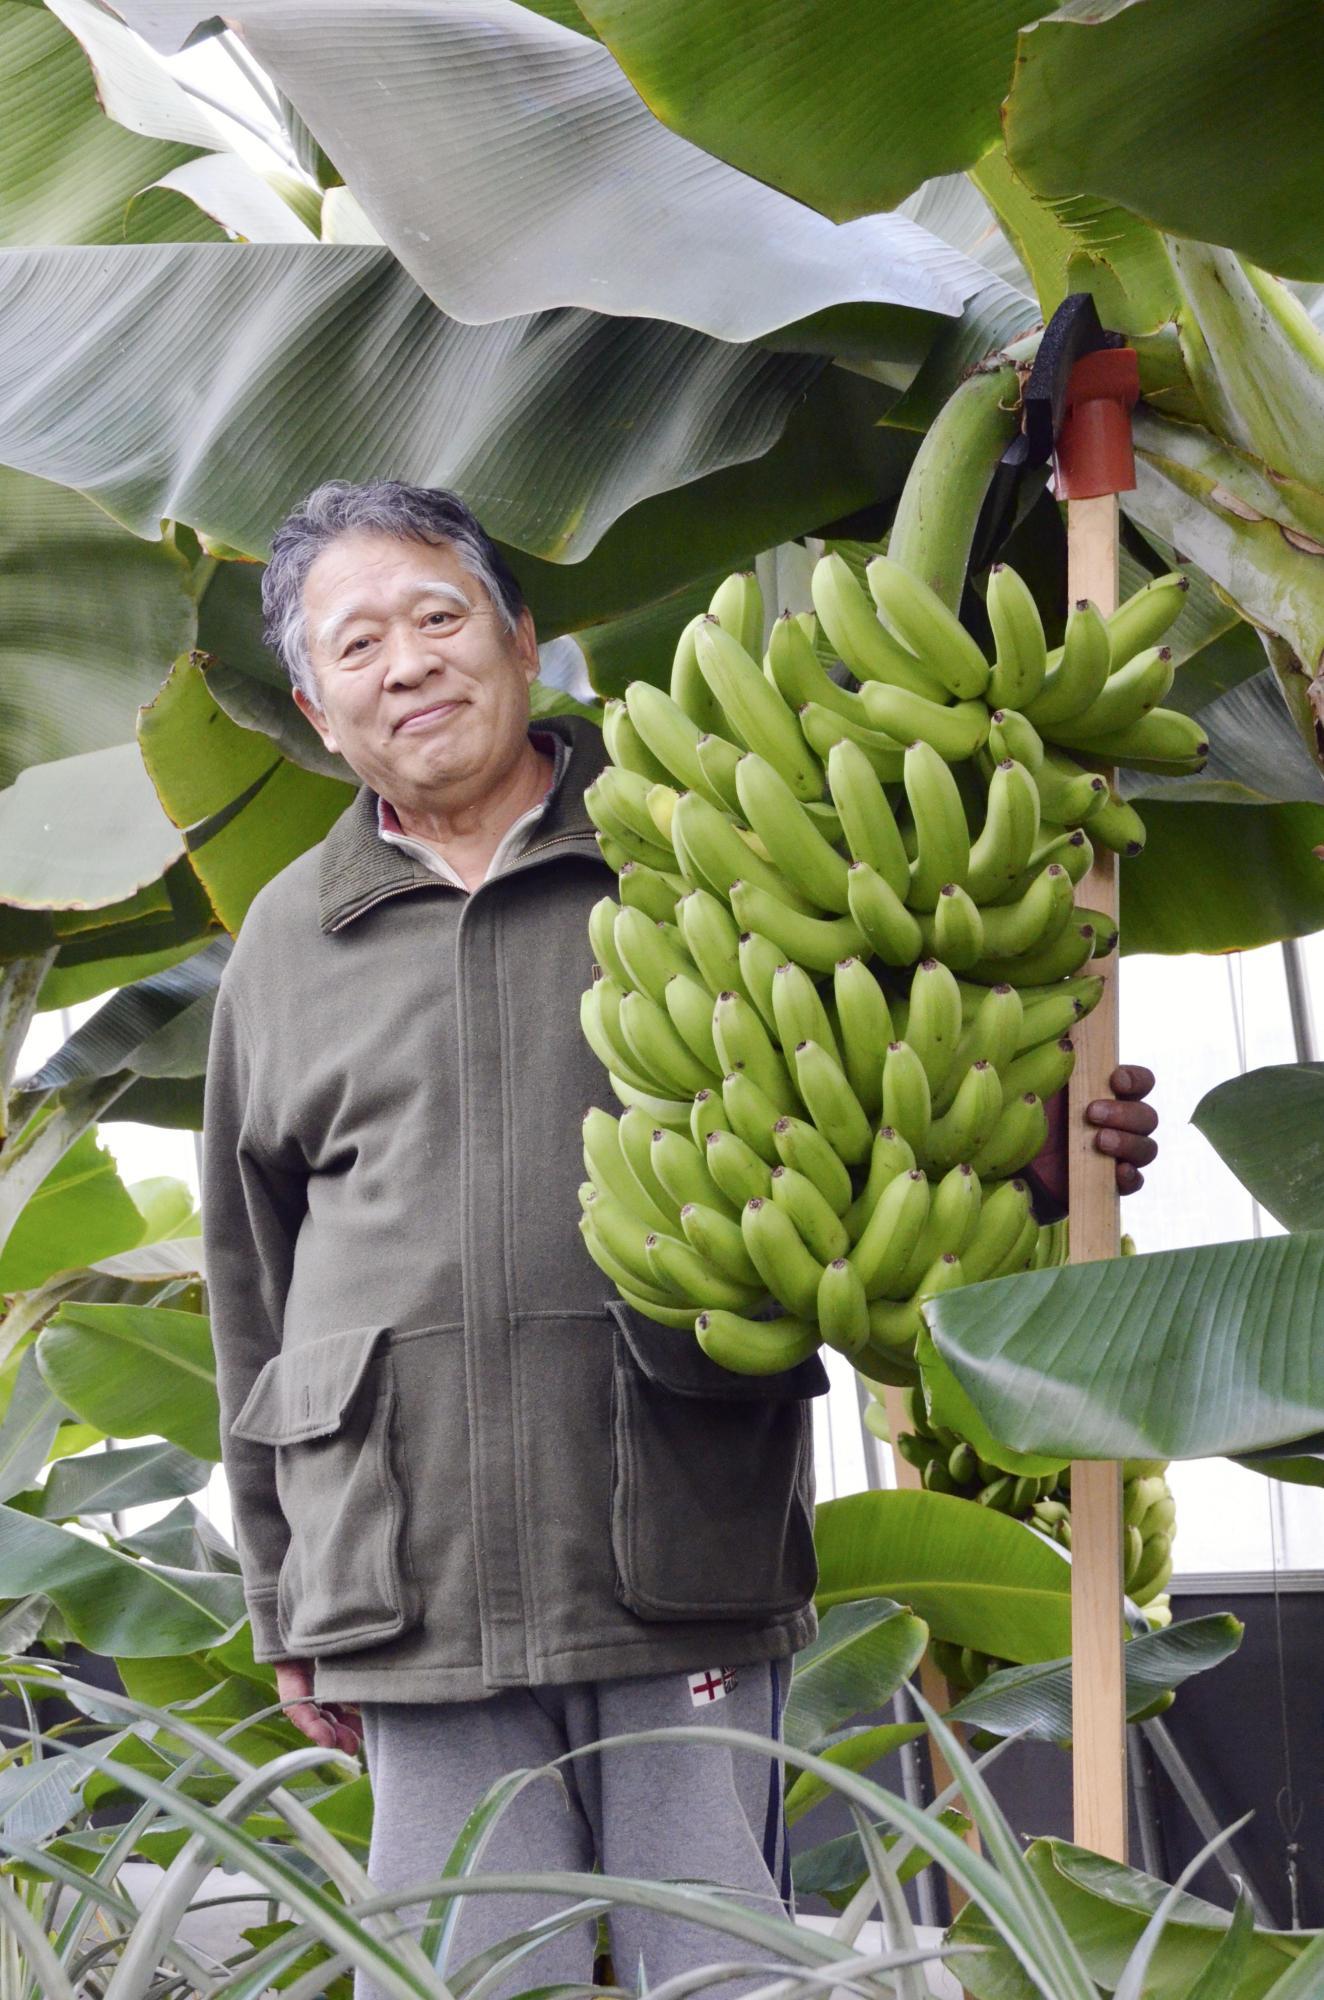 Фото 1. В Японии вывели морозоустойчивые бананы